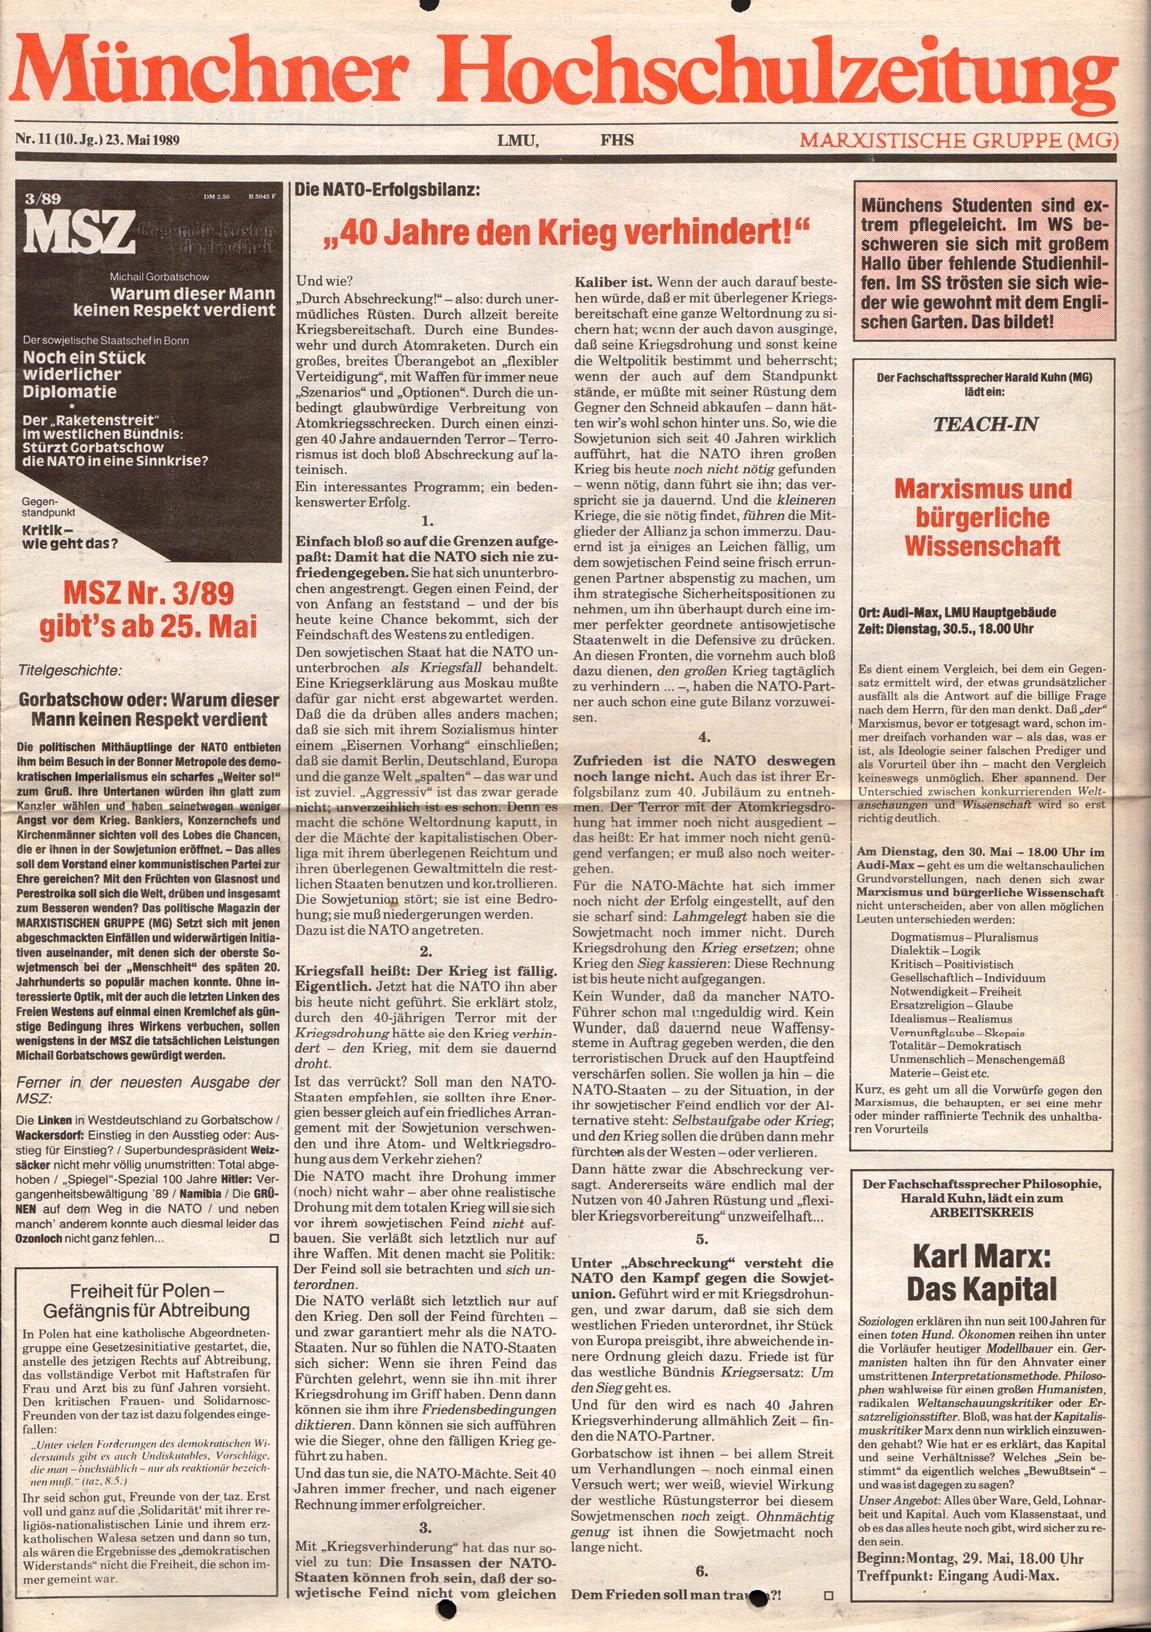 Muenchen_MG_Hochschulzeitung_19890523_01